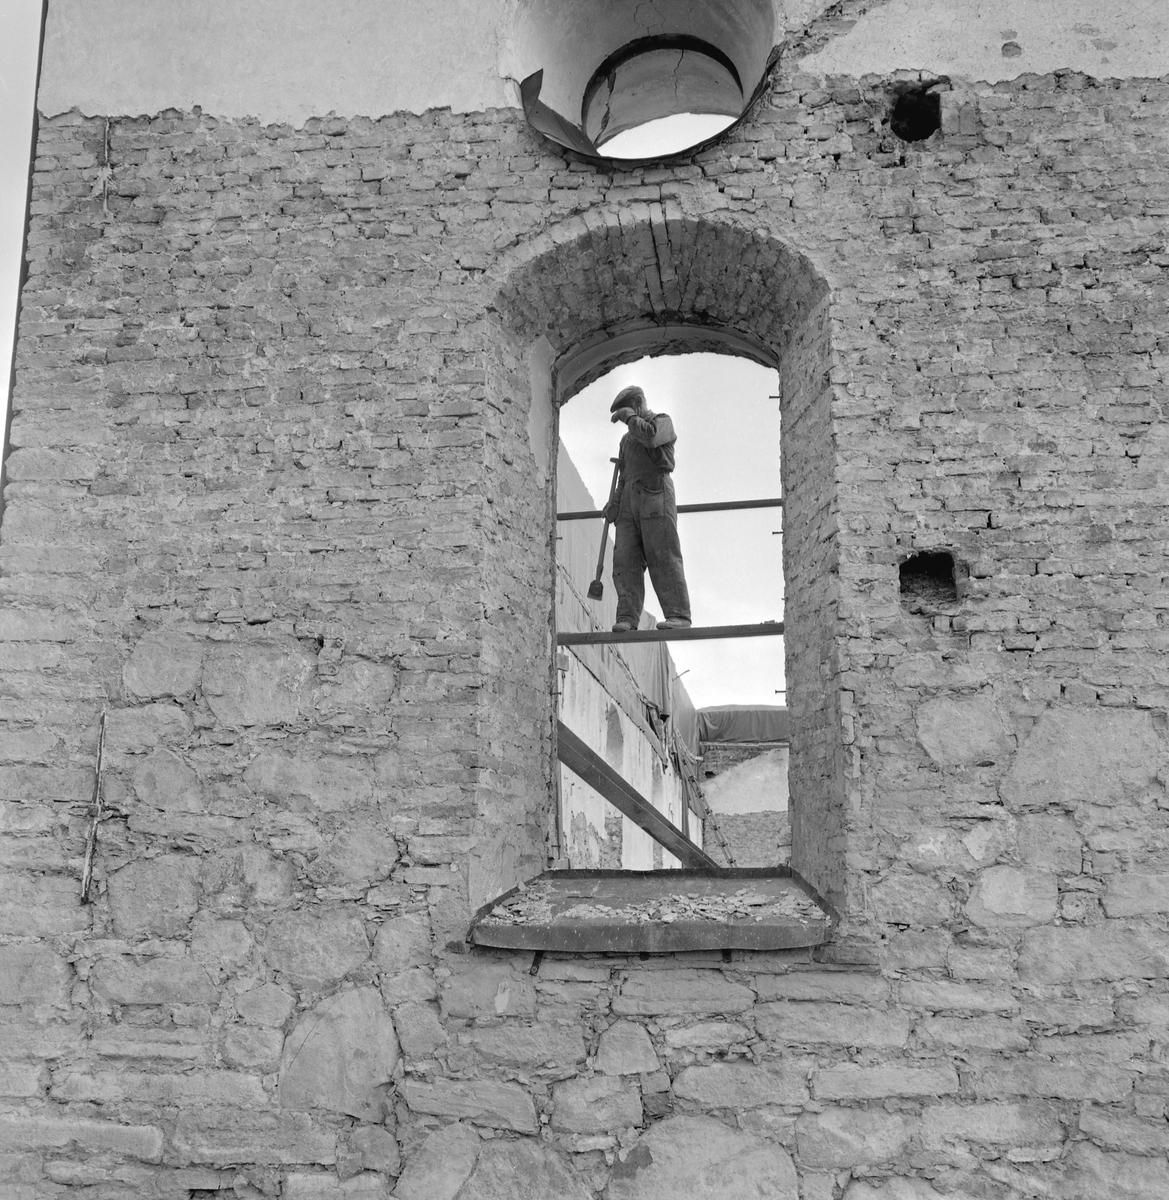 Den  21 juni 1961 var katastrofen framme i Vist. Församlingens kyrka stod under renovering och något gick galet. En takarbetare såg svag rökutveckling vid middagstiden. Kort därefter var hela byggnaden övertänd. Av kyrkans rika inventarierna kunde mycket lite räddas. Bilden visar ett ögonblick från den efterföljande restaureringen.